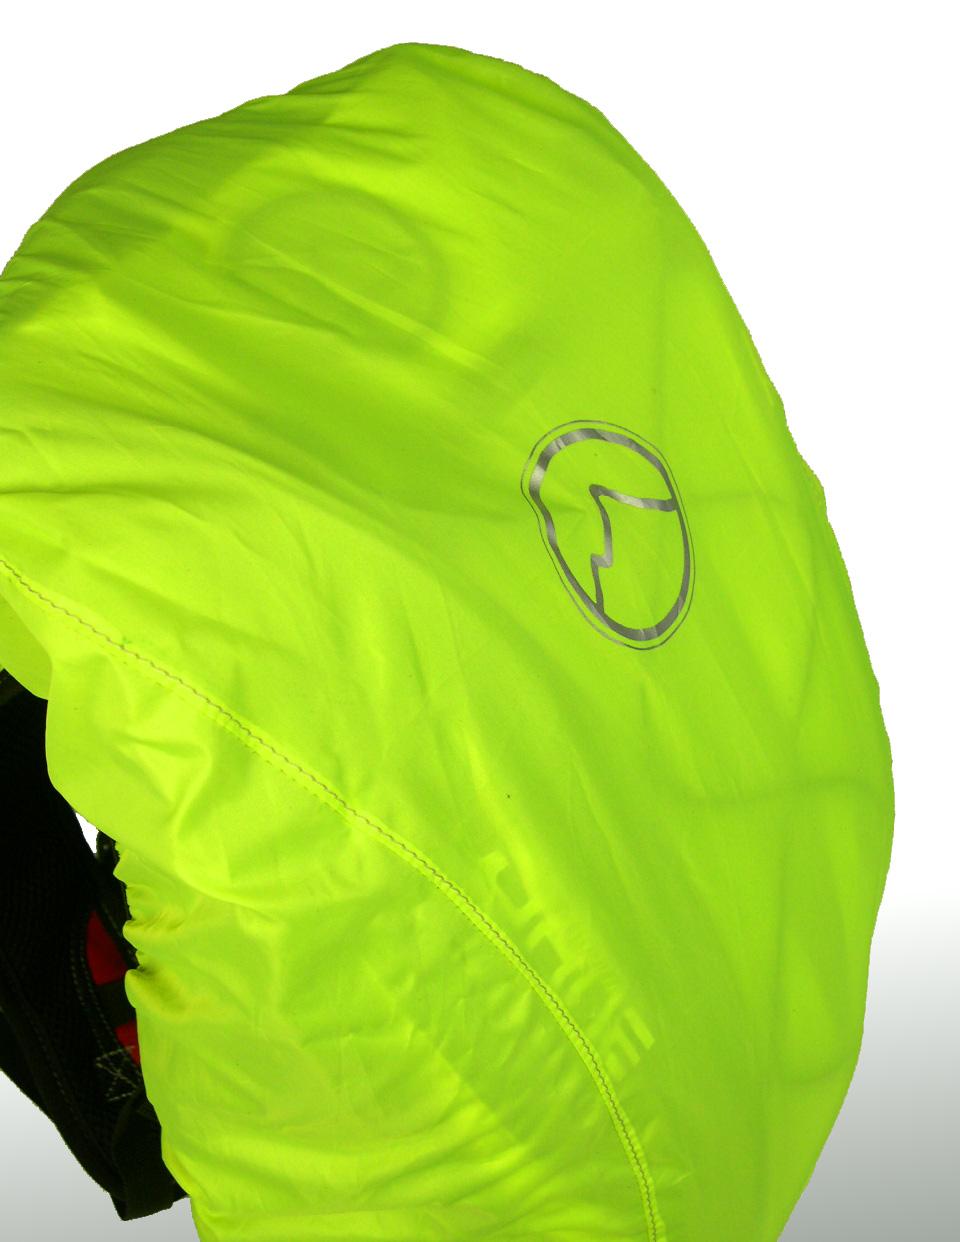 PROTECTION PLUIE, pour SAC A DOS NEON, marque DANE, couleur NoirJaune